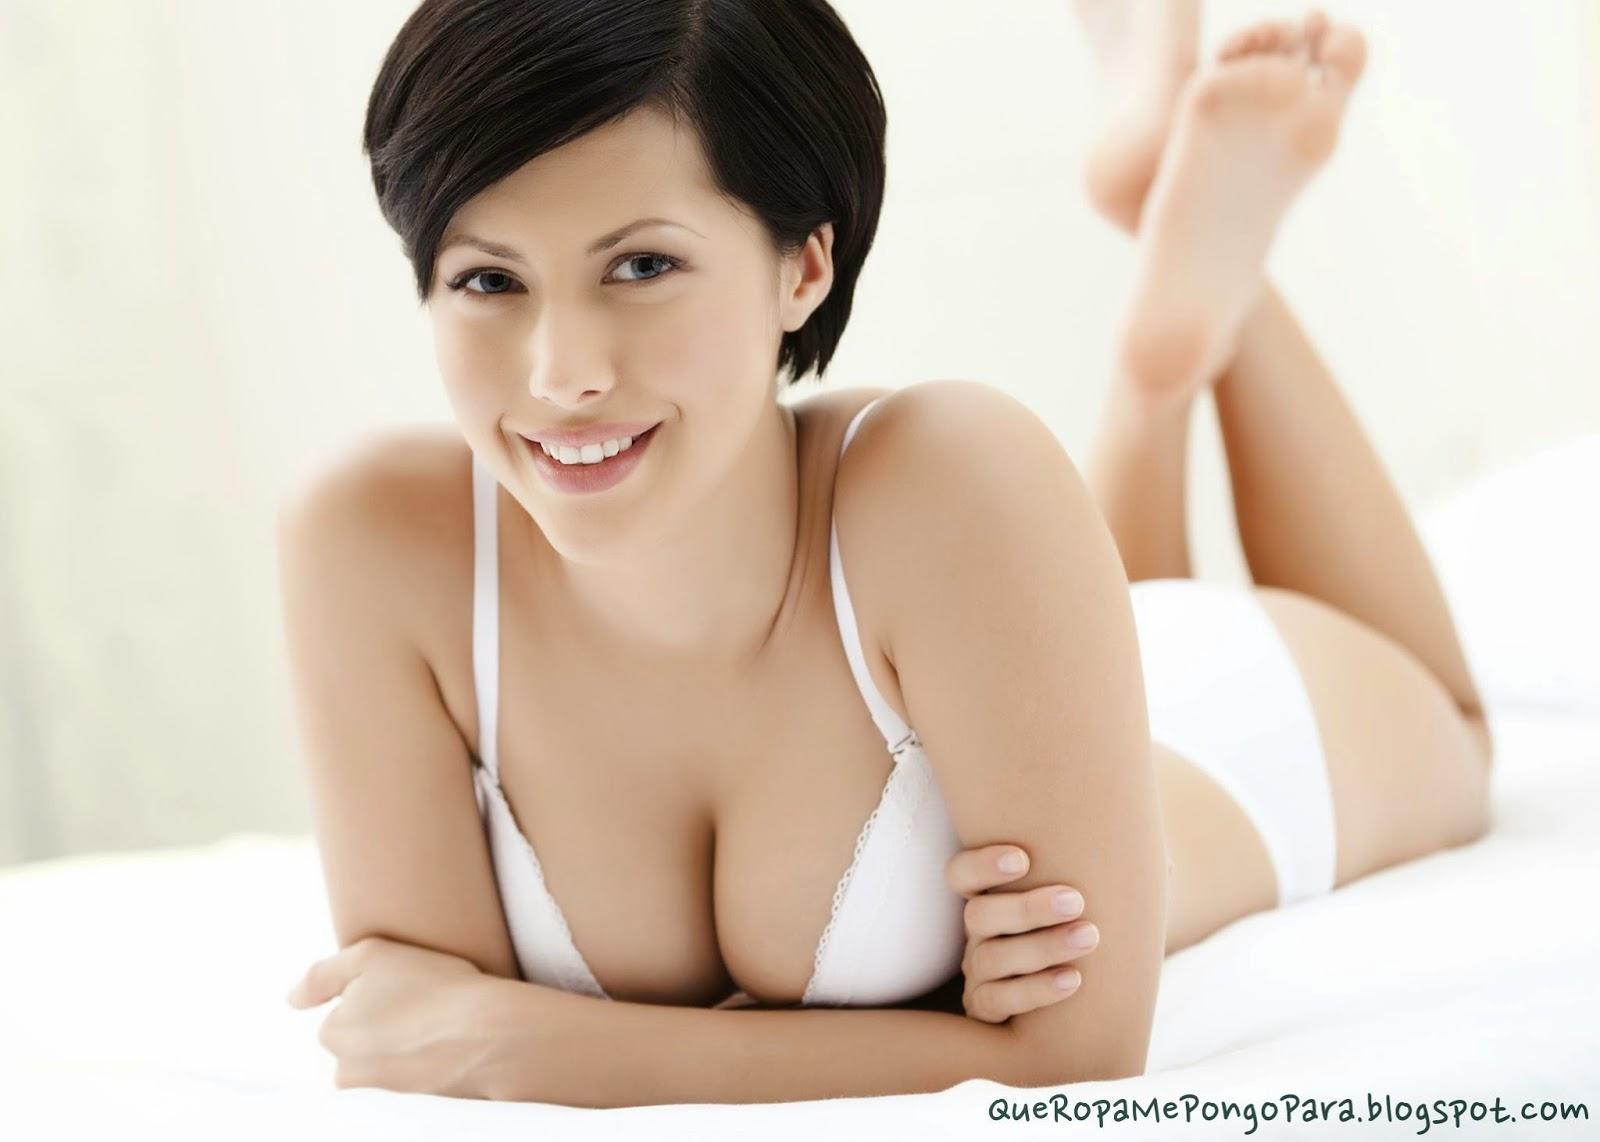 COMO VESTIRME SI TENGO PECHOS GRANDES - Que ropa me pongo para disimular senos grandes - chicas de busto prominente - senos grandes